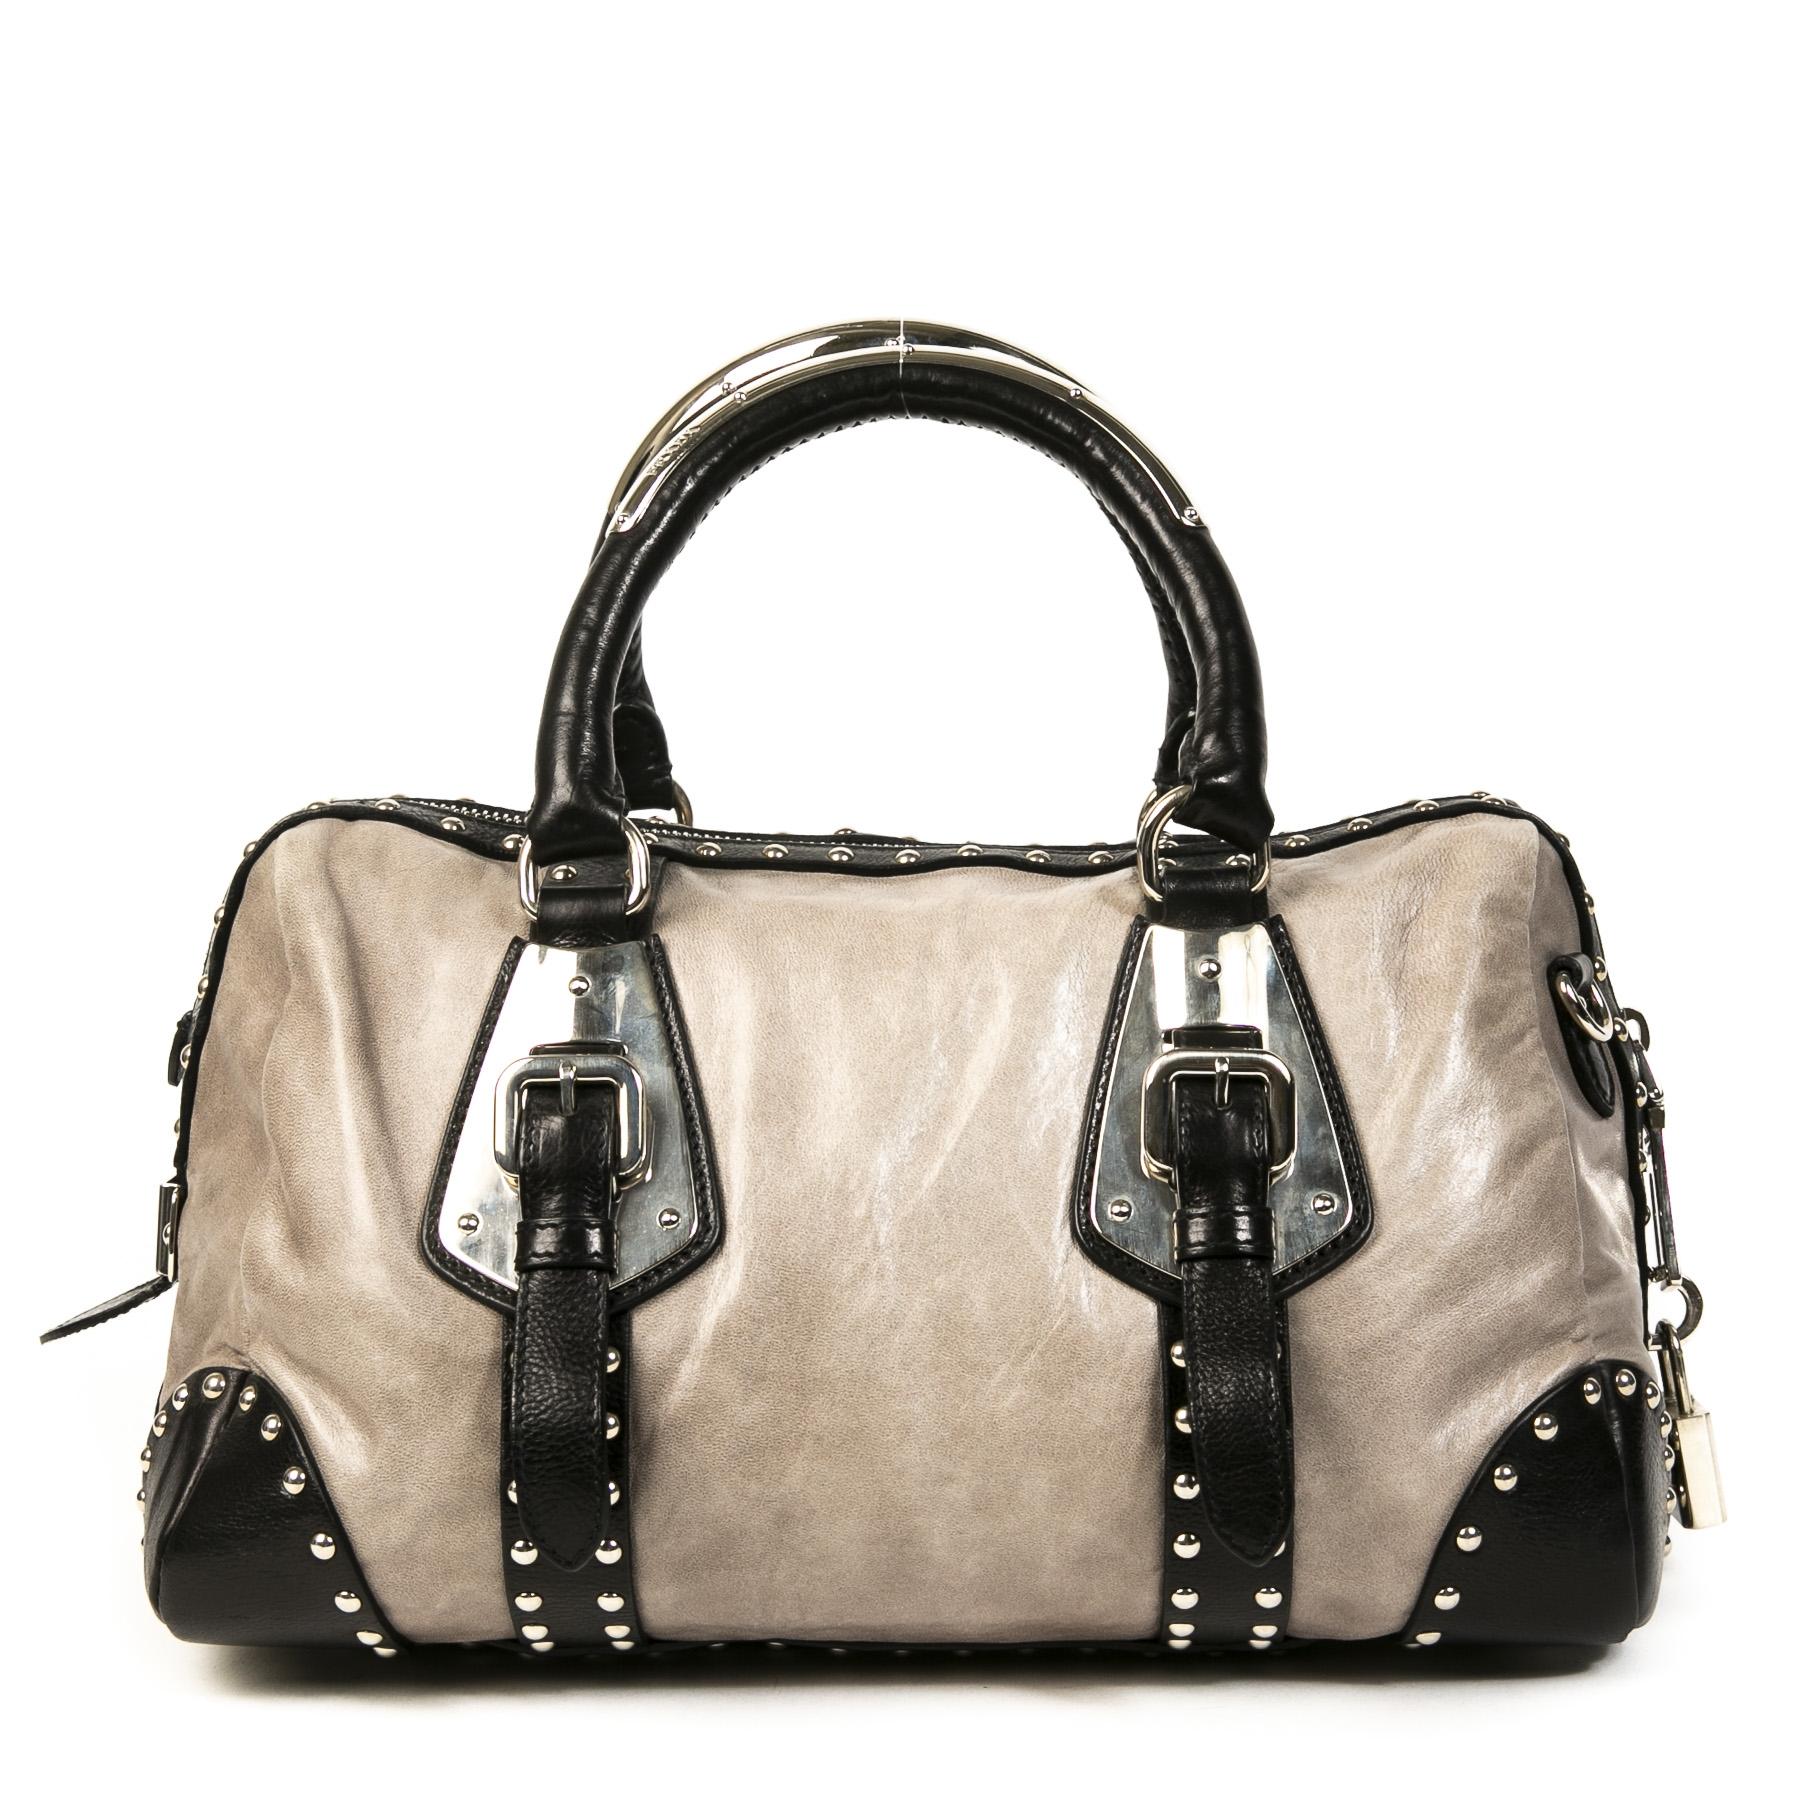 Authentieke Tweedehands Prada Grey Leather Studded Top Handle Bag juiste prijs veilig online shoppen luxe merken webshop winkelen Antwerpen België mode fashion